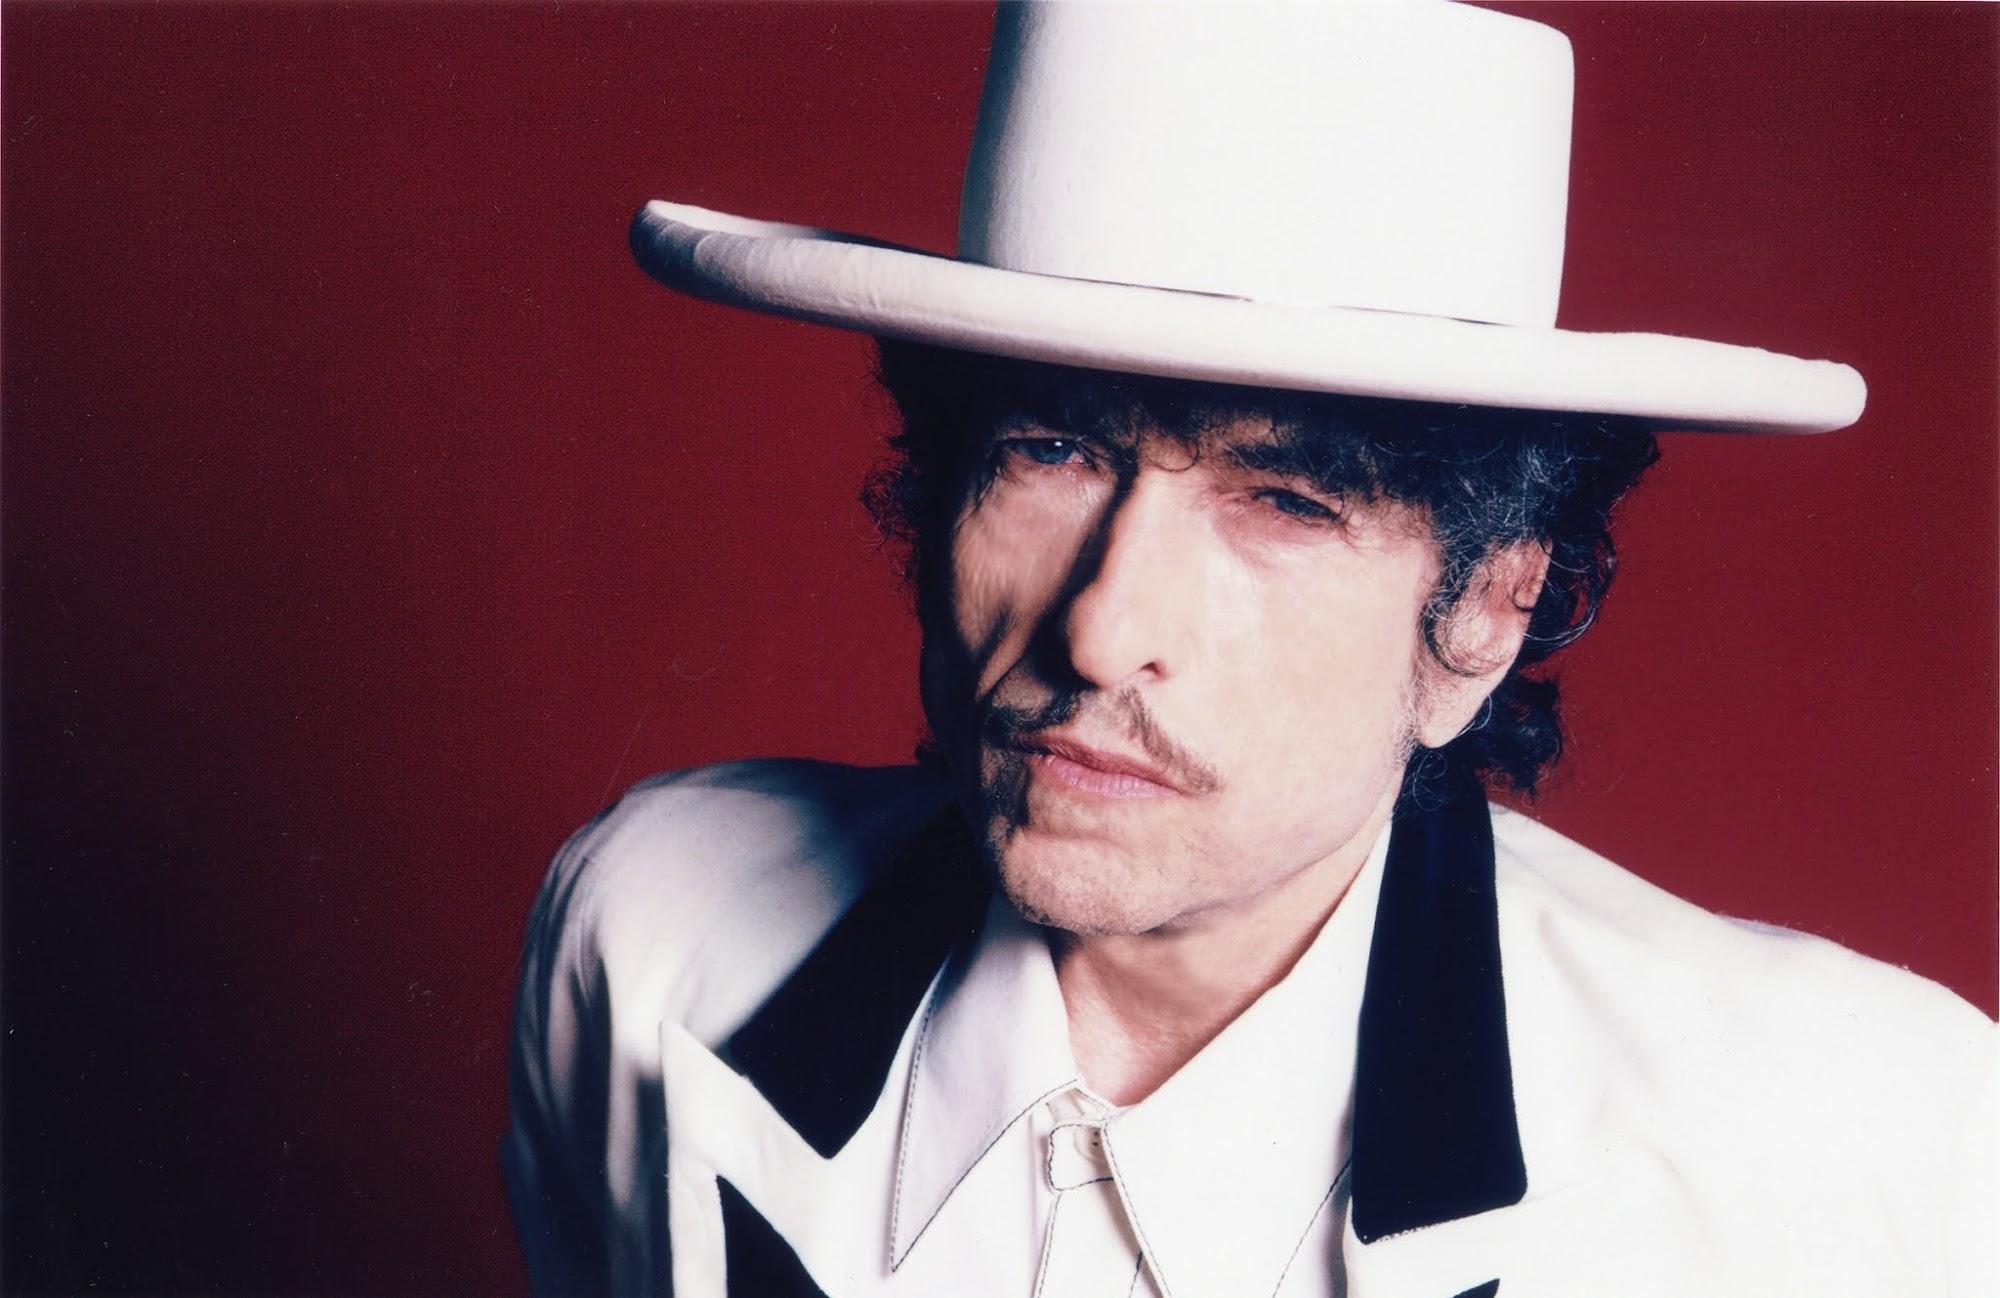 Bob Dylan, die Legende, ist nun Universal | Der Künstler verkaufte seine kompletten Songrechte